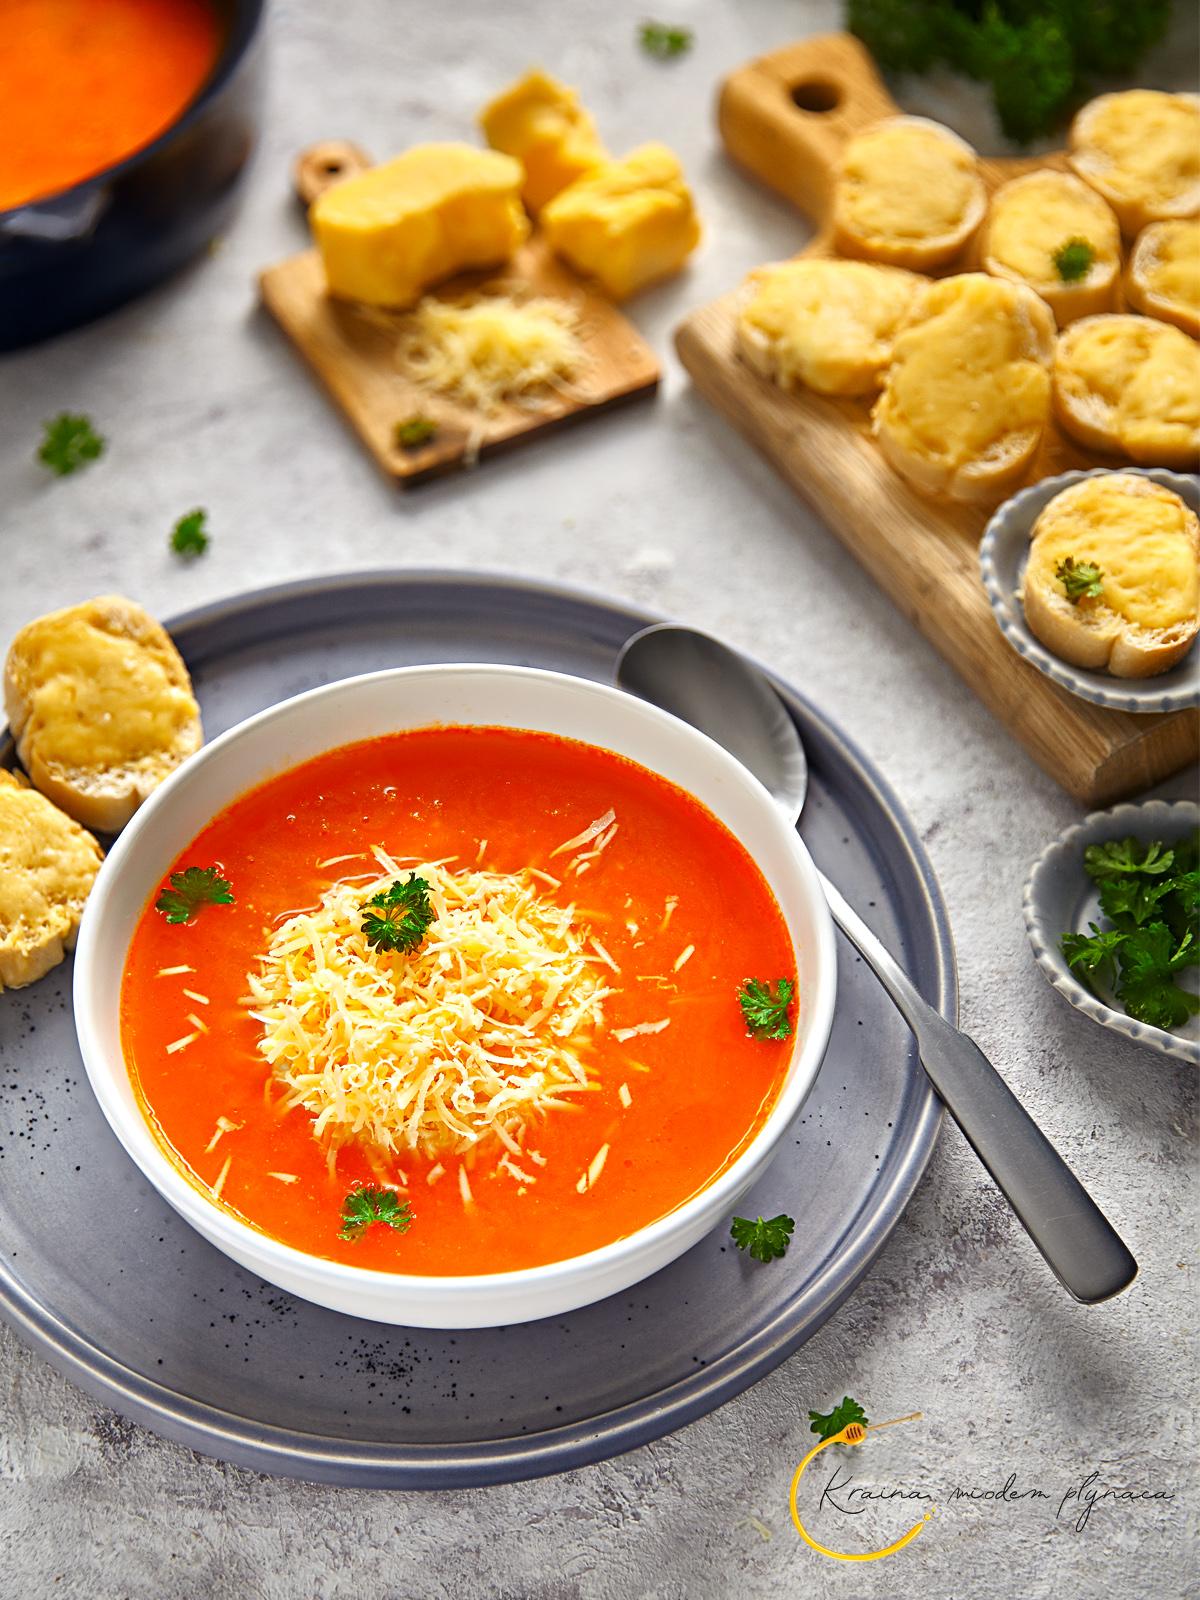 zupa z pieczonej papryki, zupa z pomidorów, zupa paprykowa, zupa pomidorowa, zupa pomidorowo paprykowa, zupa peperonata, pieczona papryka, kraina miodem płynąca, fotografia kulinarna szczecin